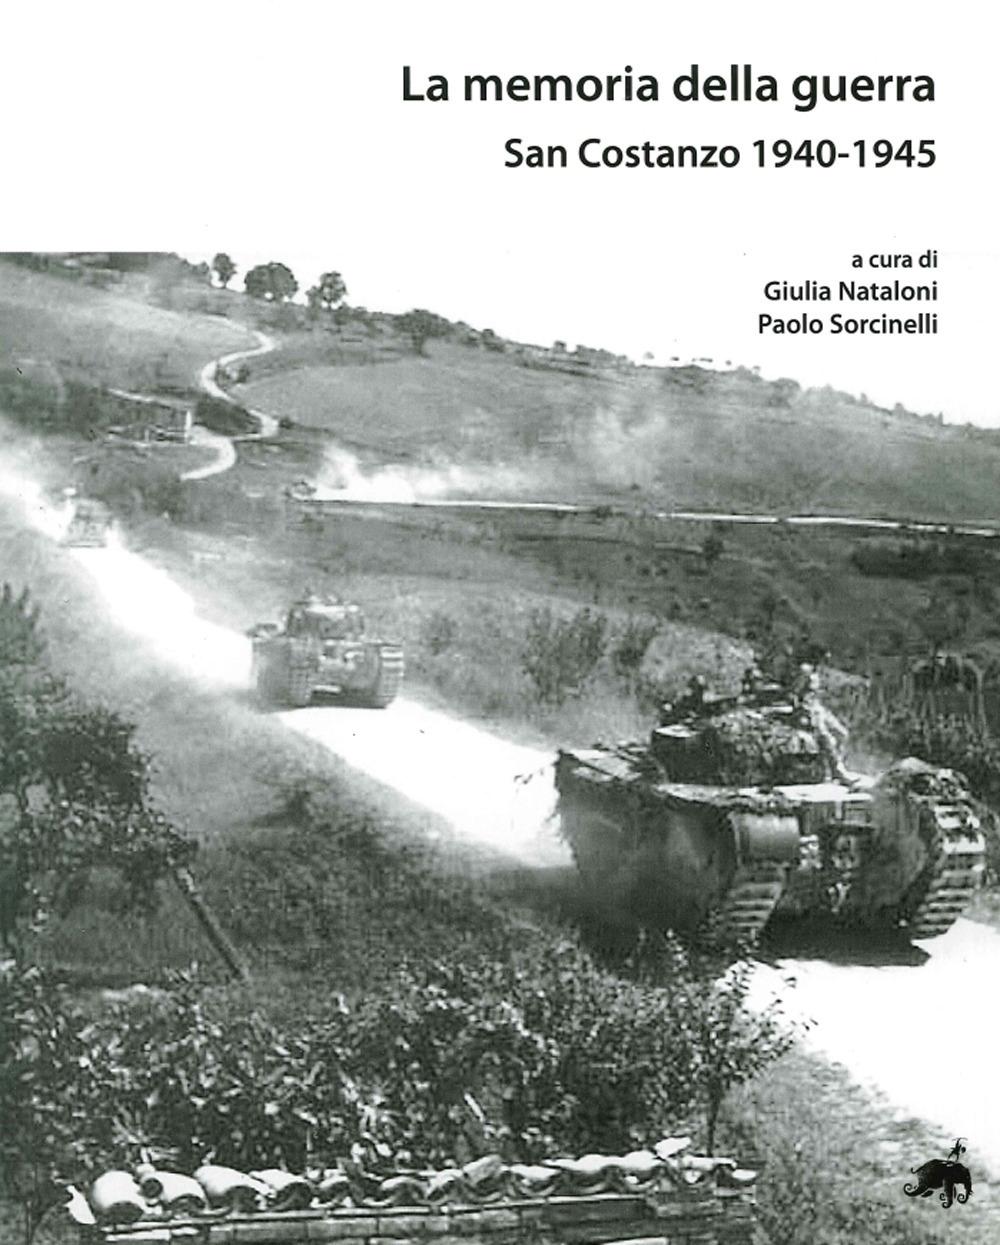 La Memoria della Guerra. San Costanzo 1940-1945